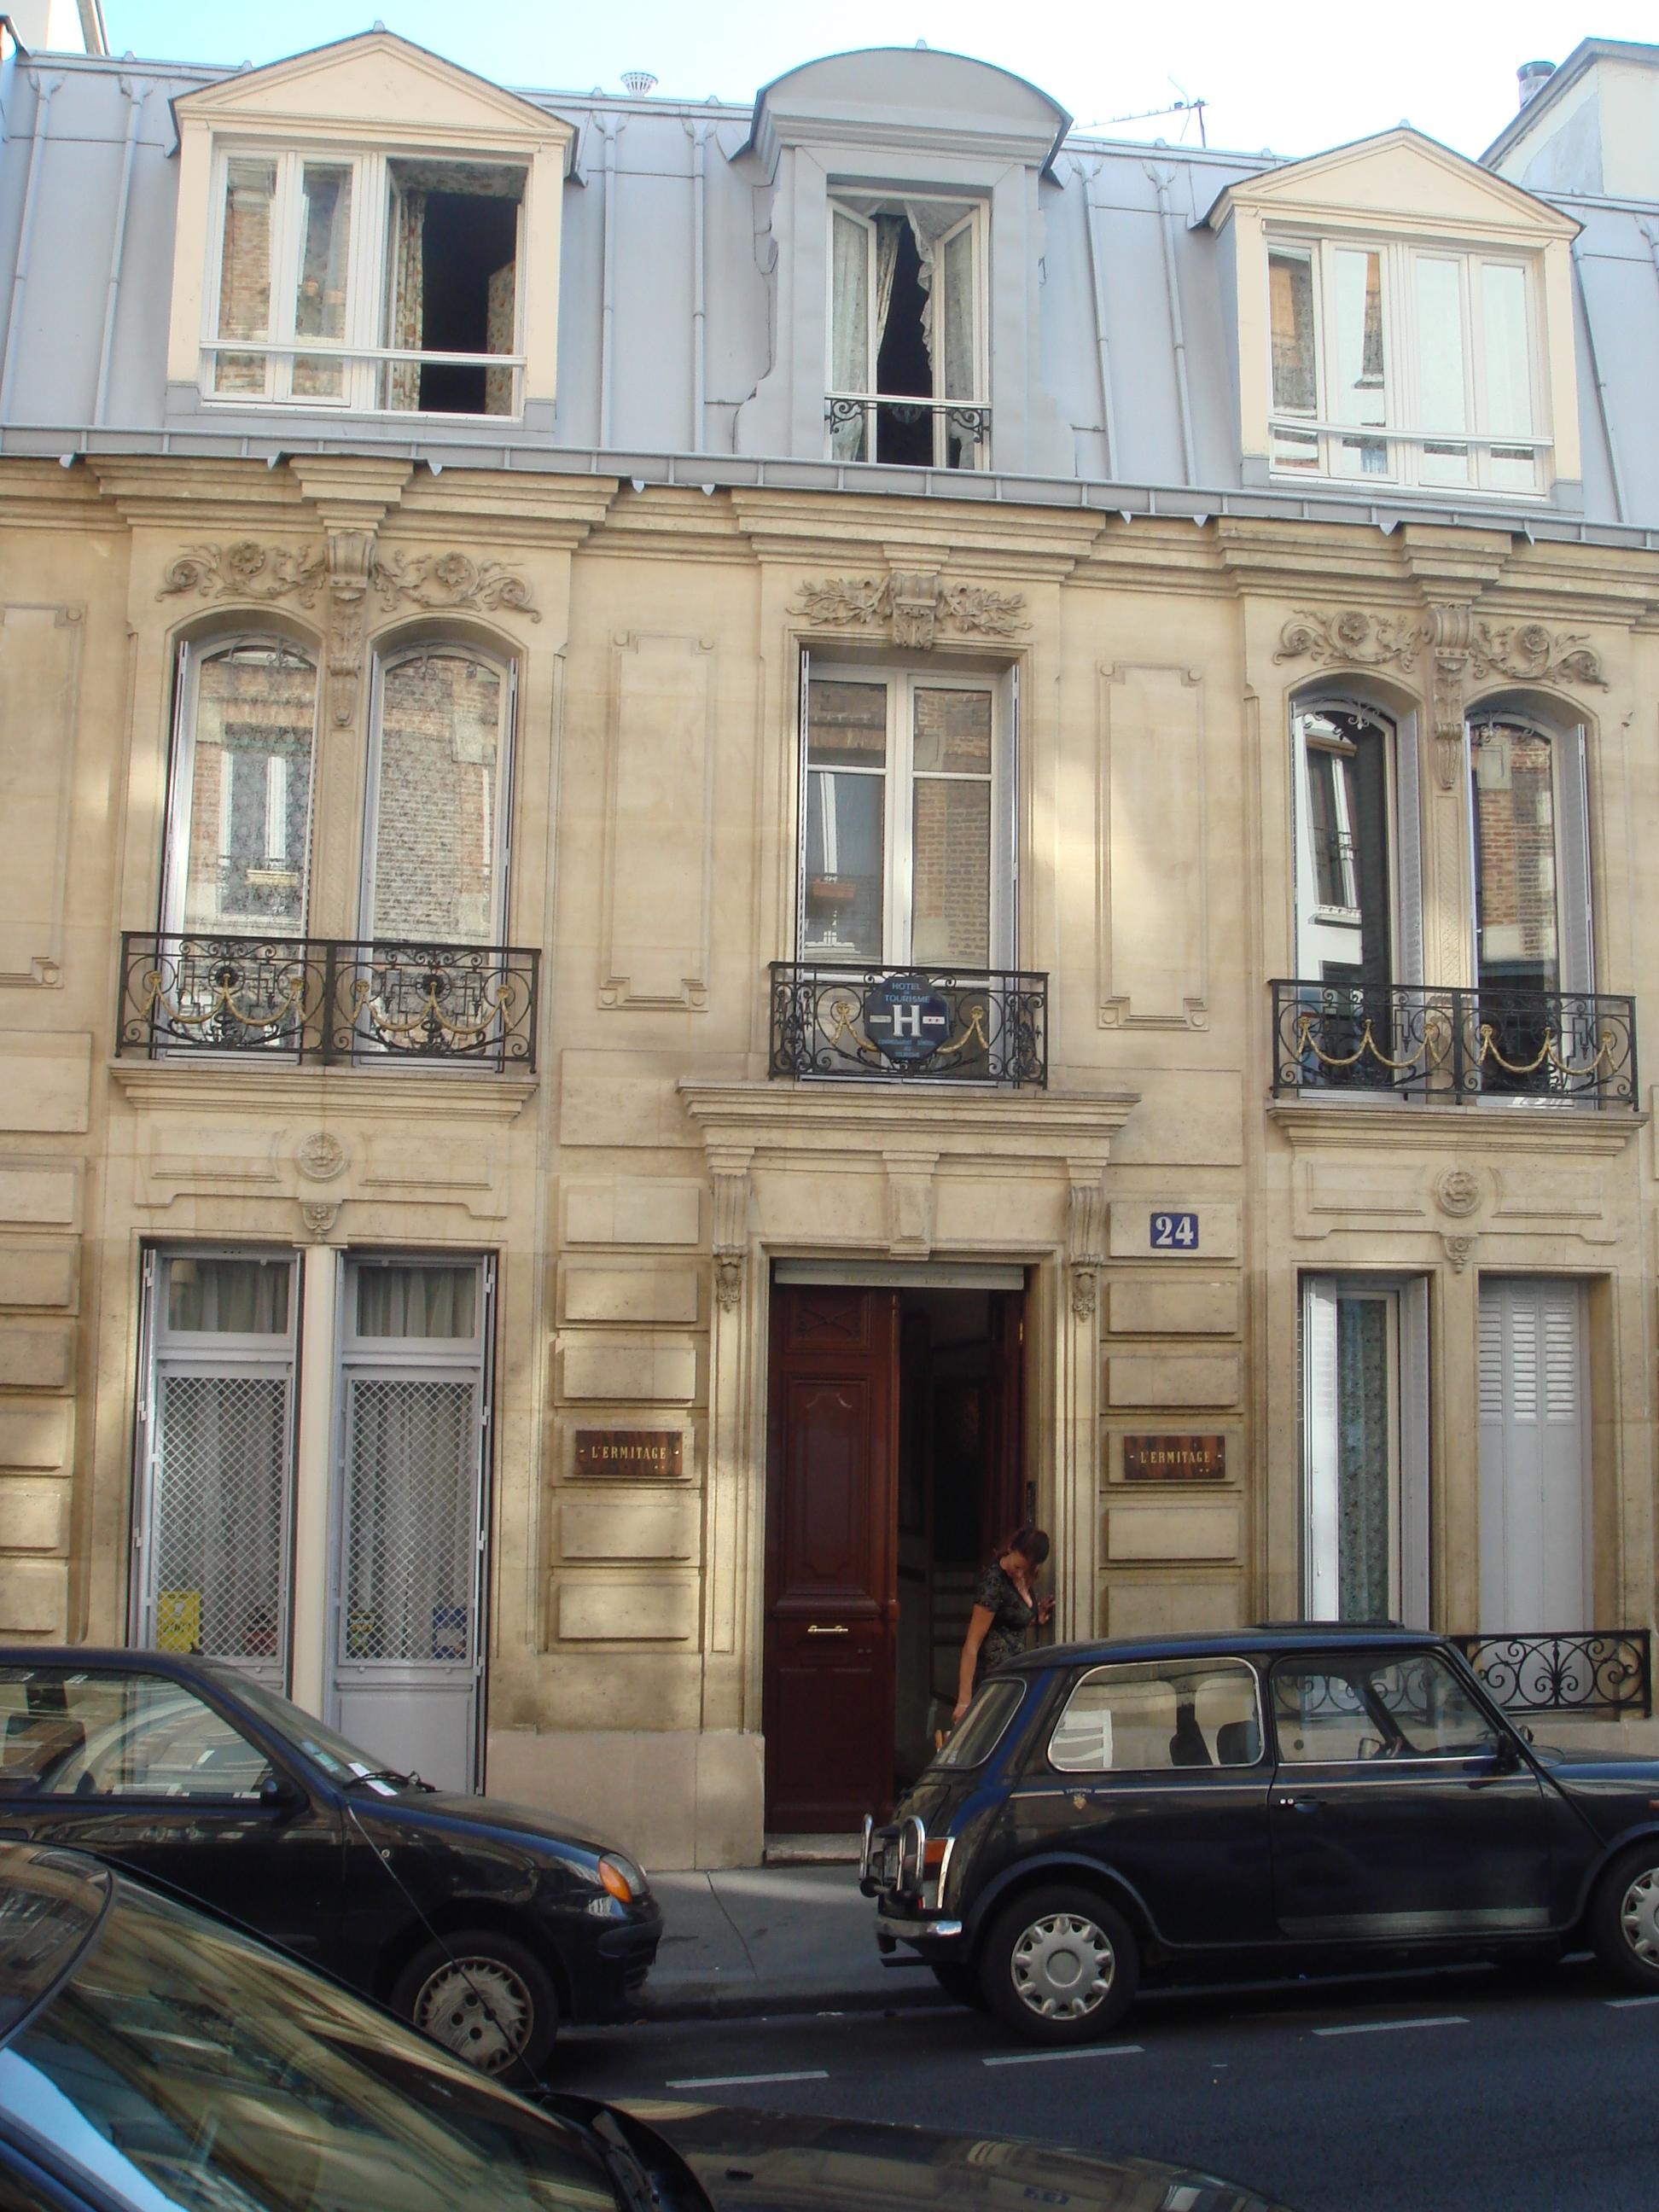 Ermitage Hotel Sacre-Coeur